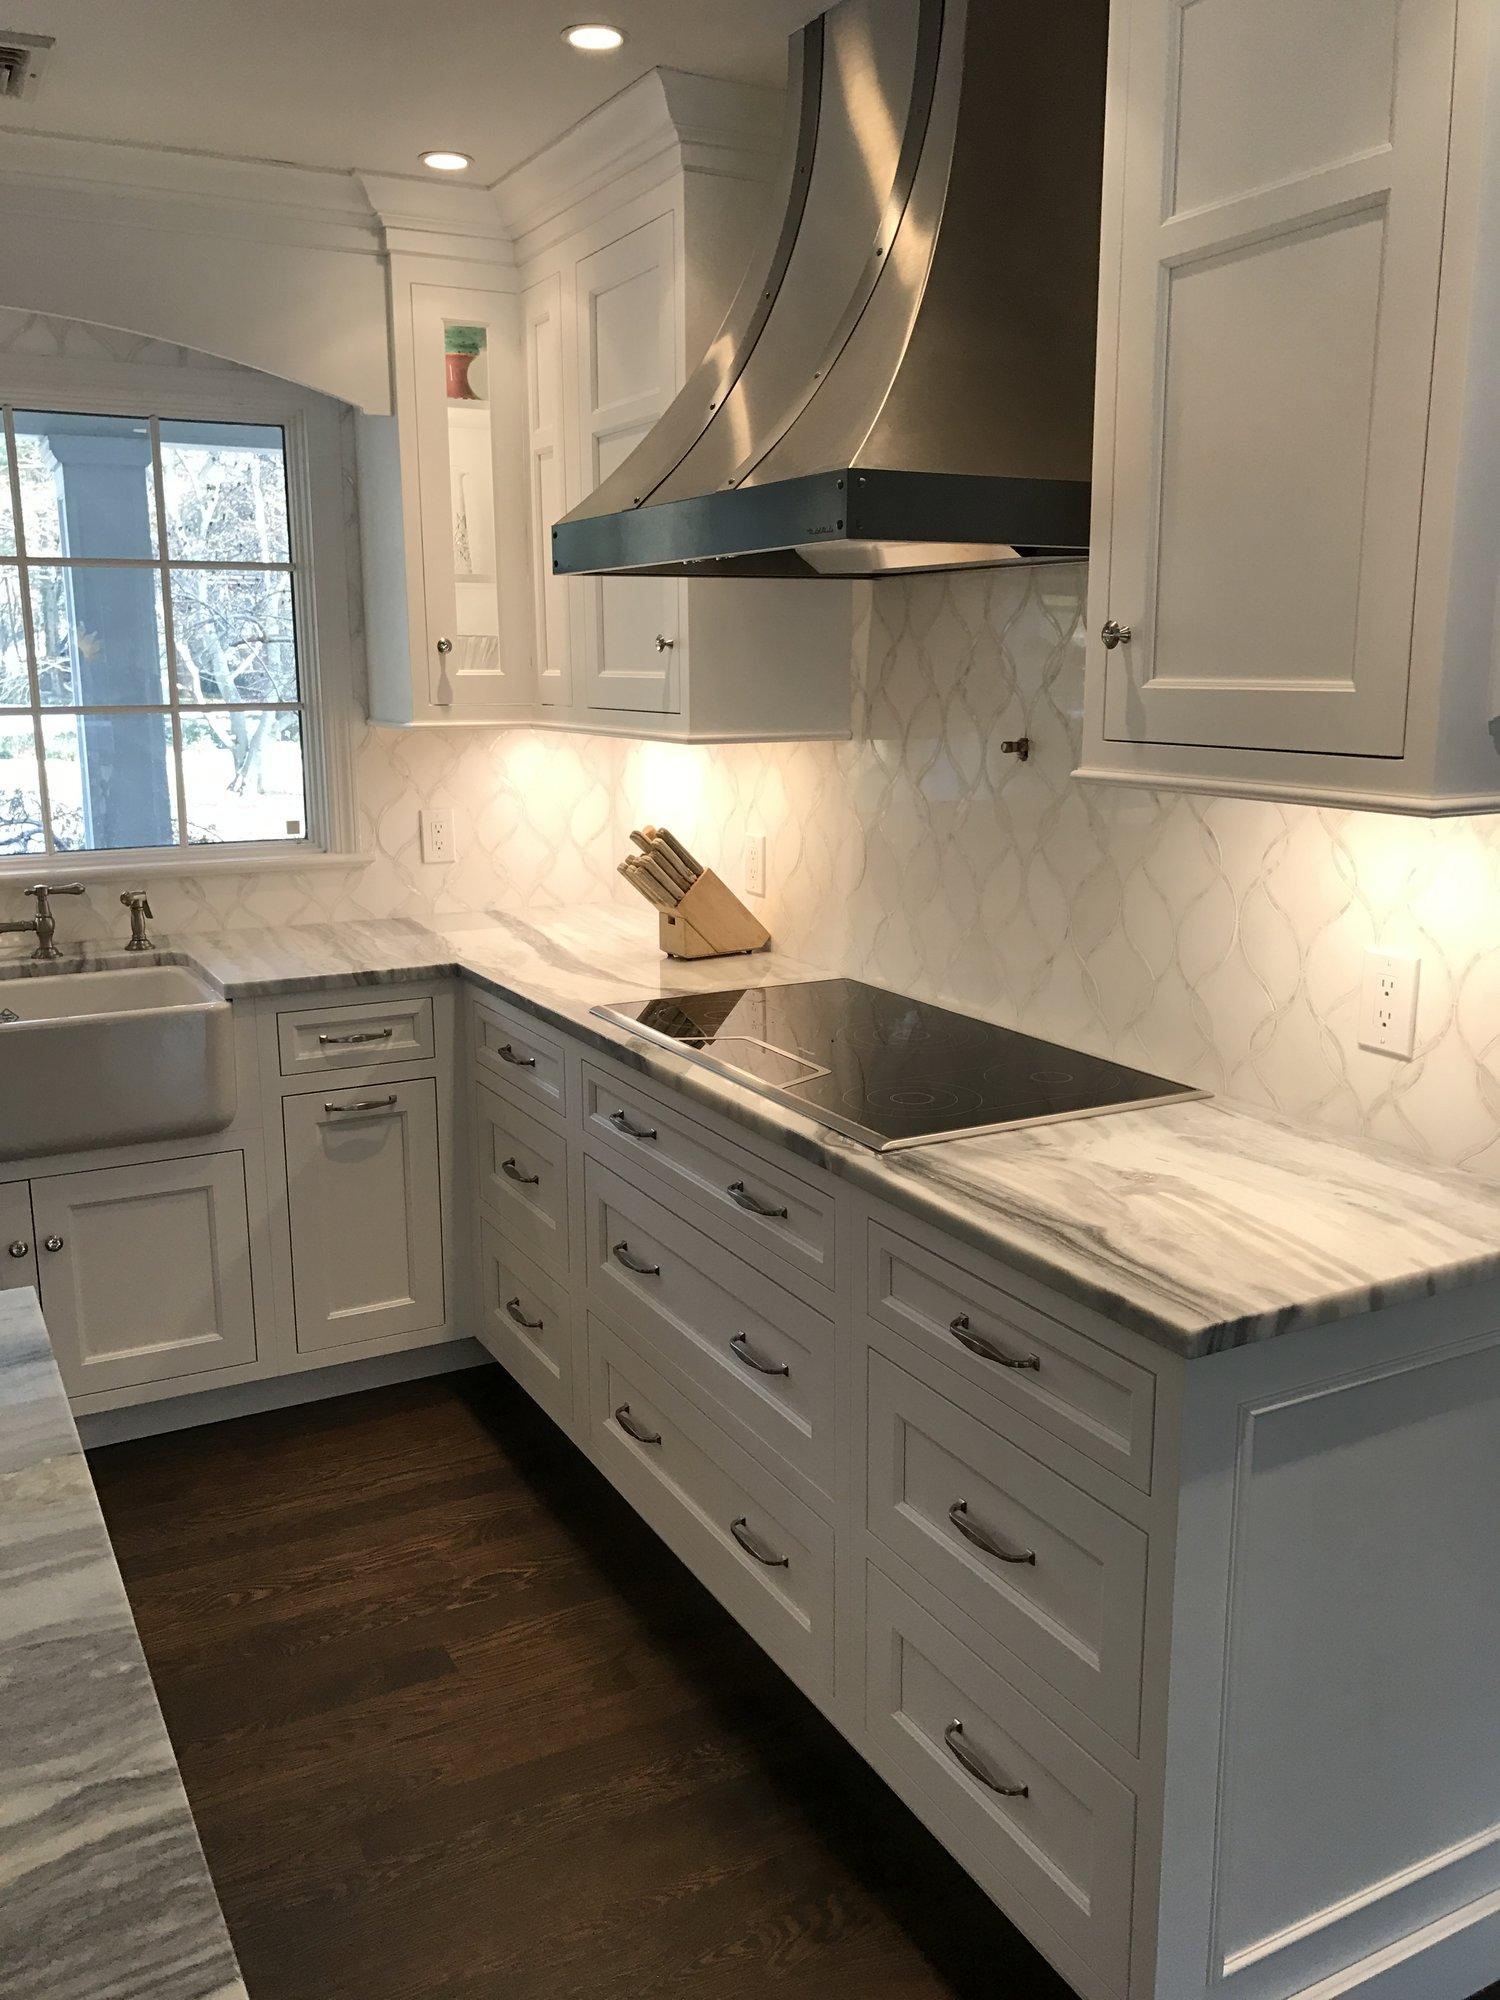 Home Remodeling & Design Center for Long Island & NYC Elite KB